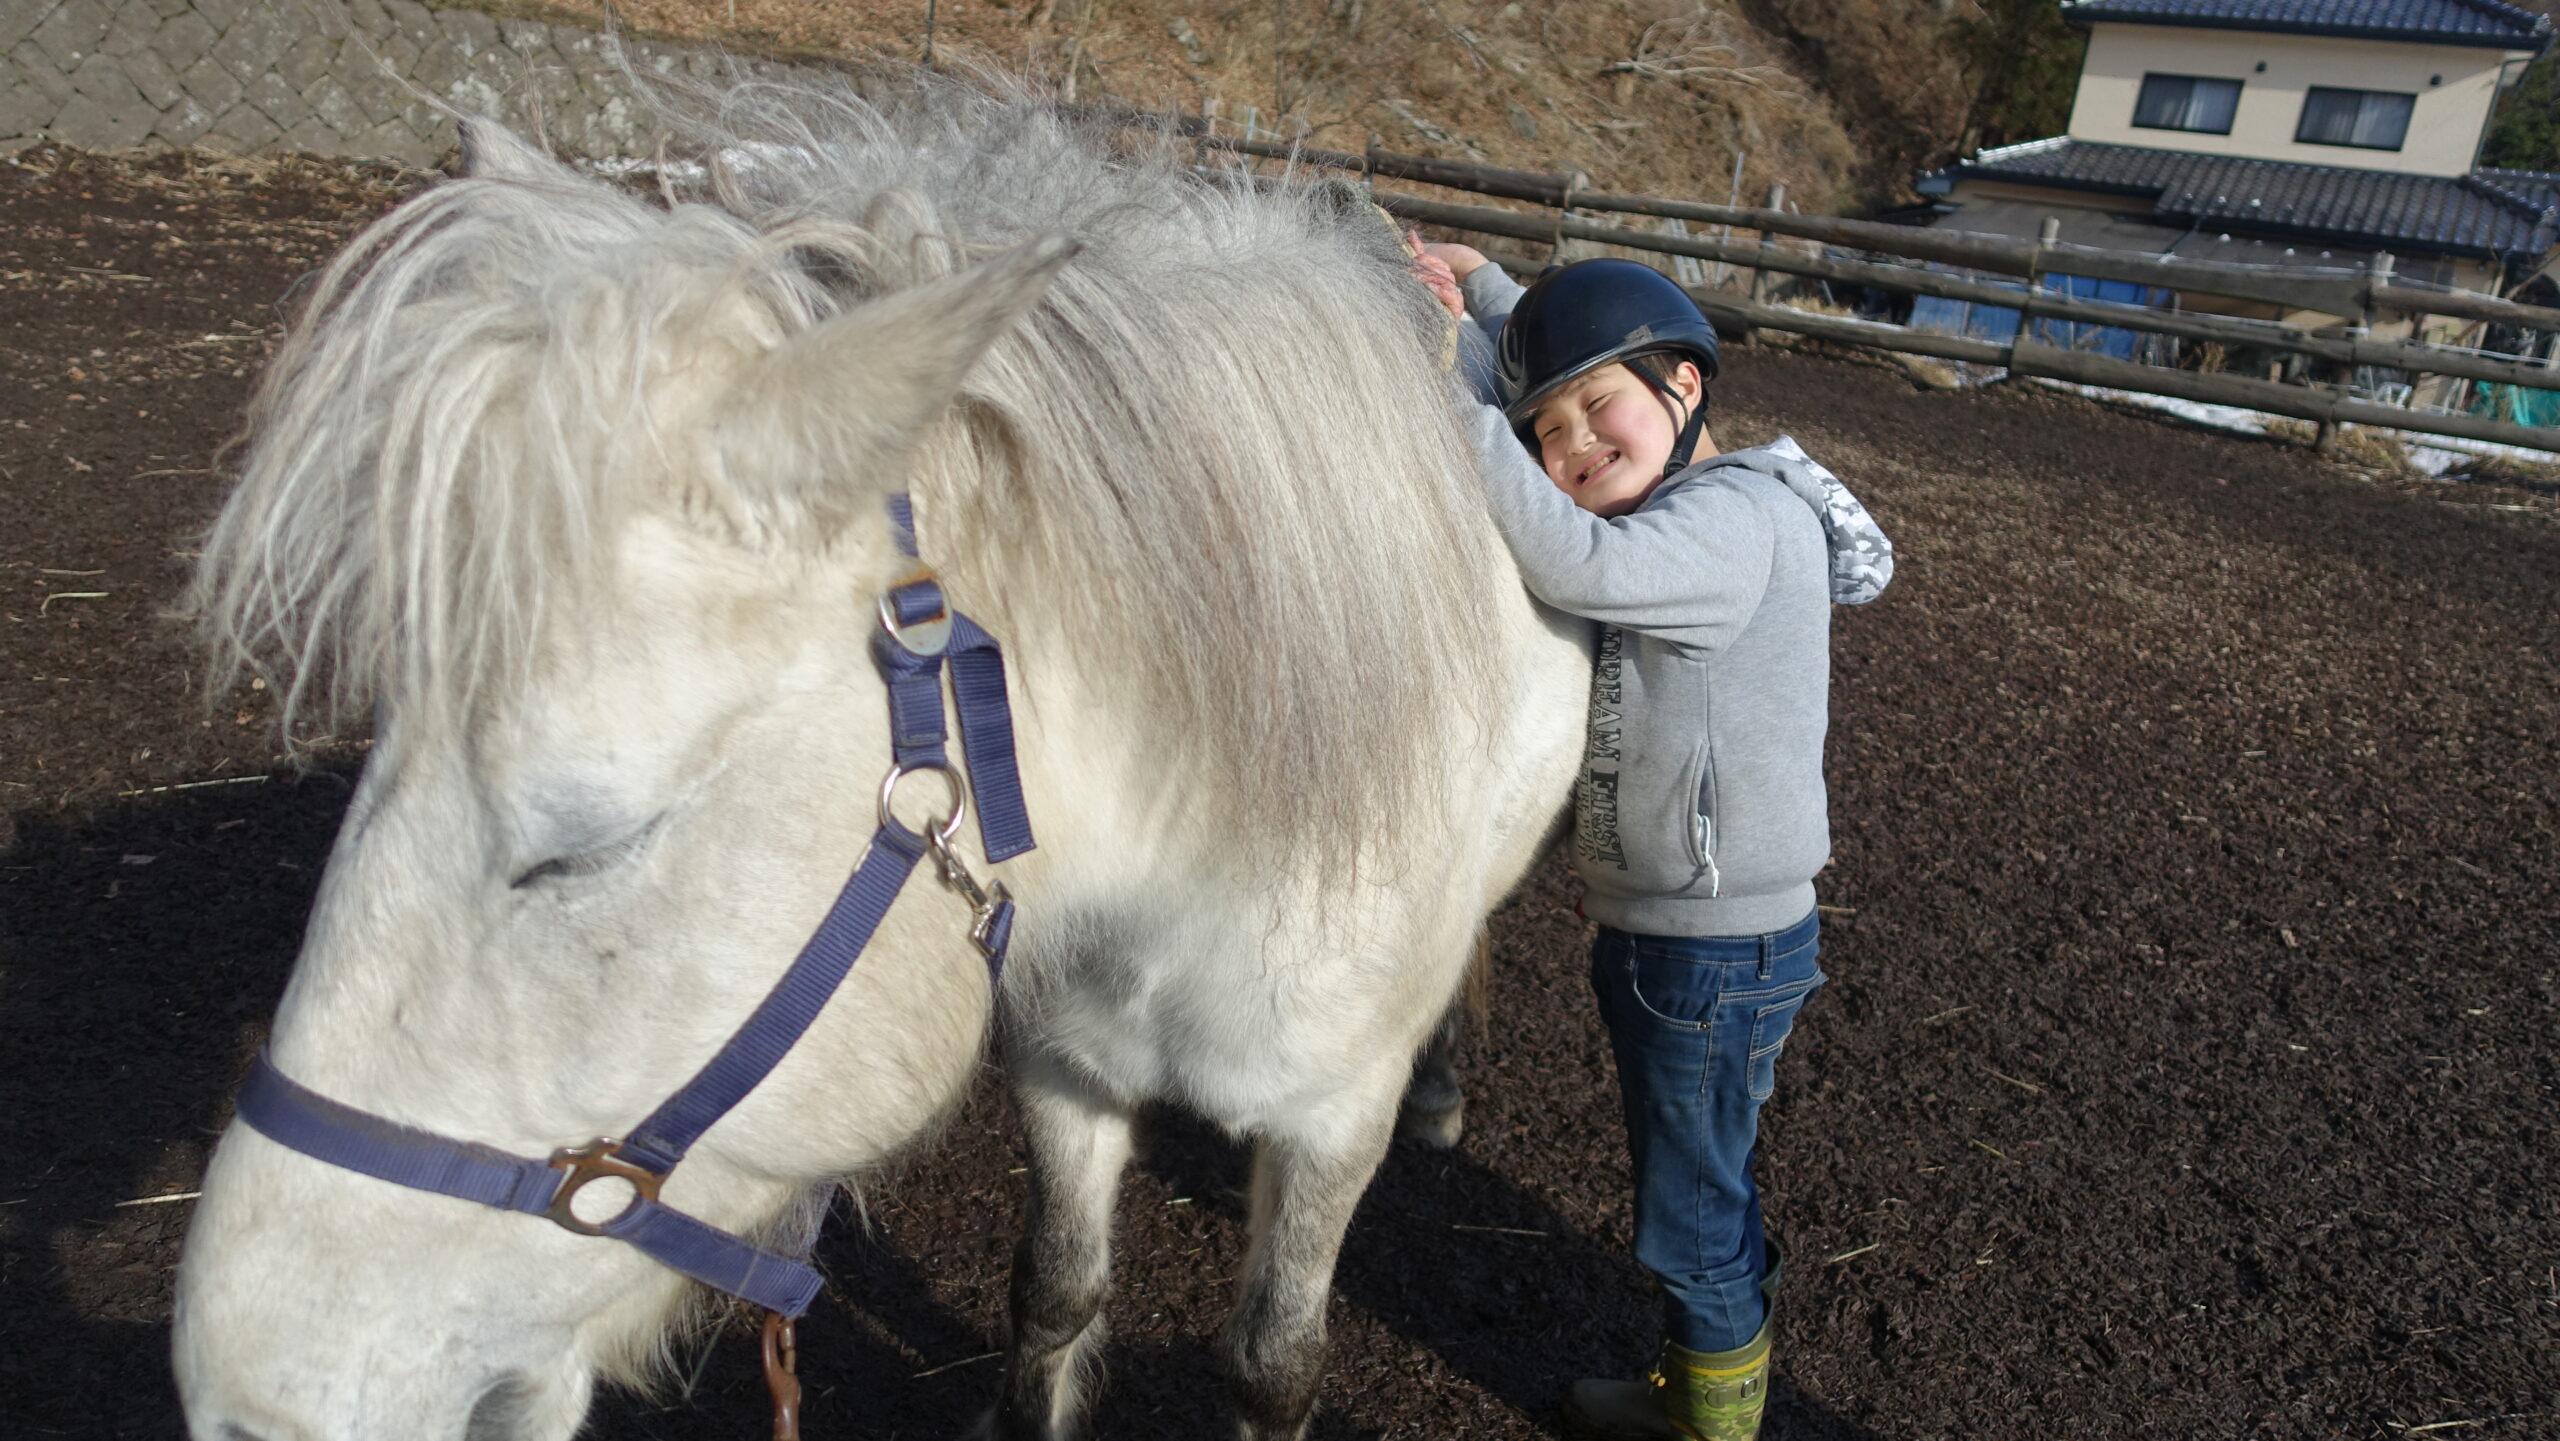 ホースセラピー講座「馬の暮らし型セラピー勉強会#12」6/24(終了→次回、夏予定)